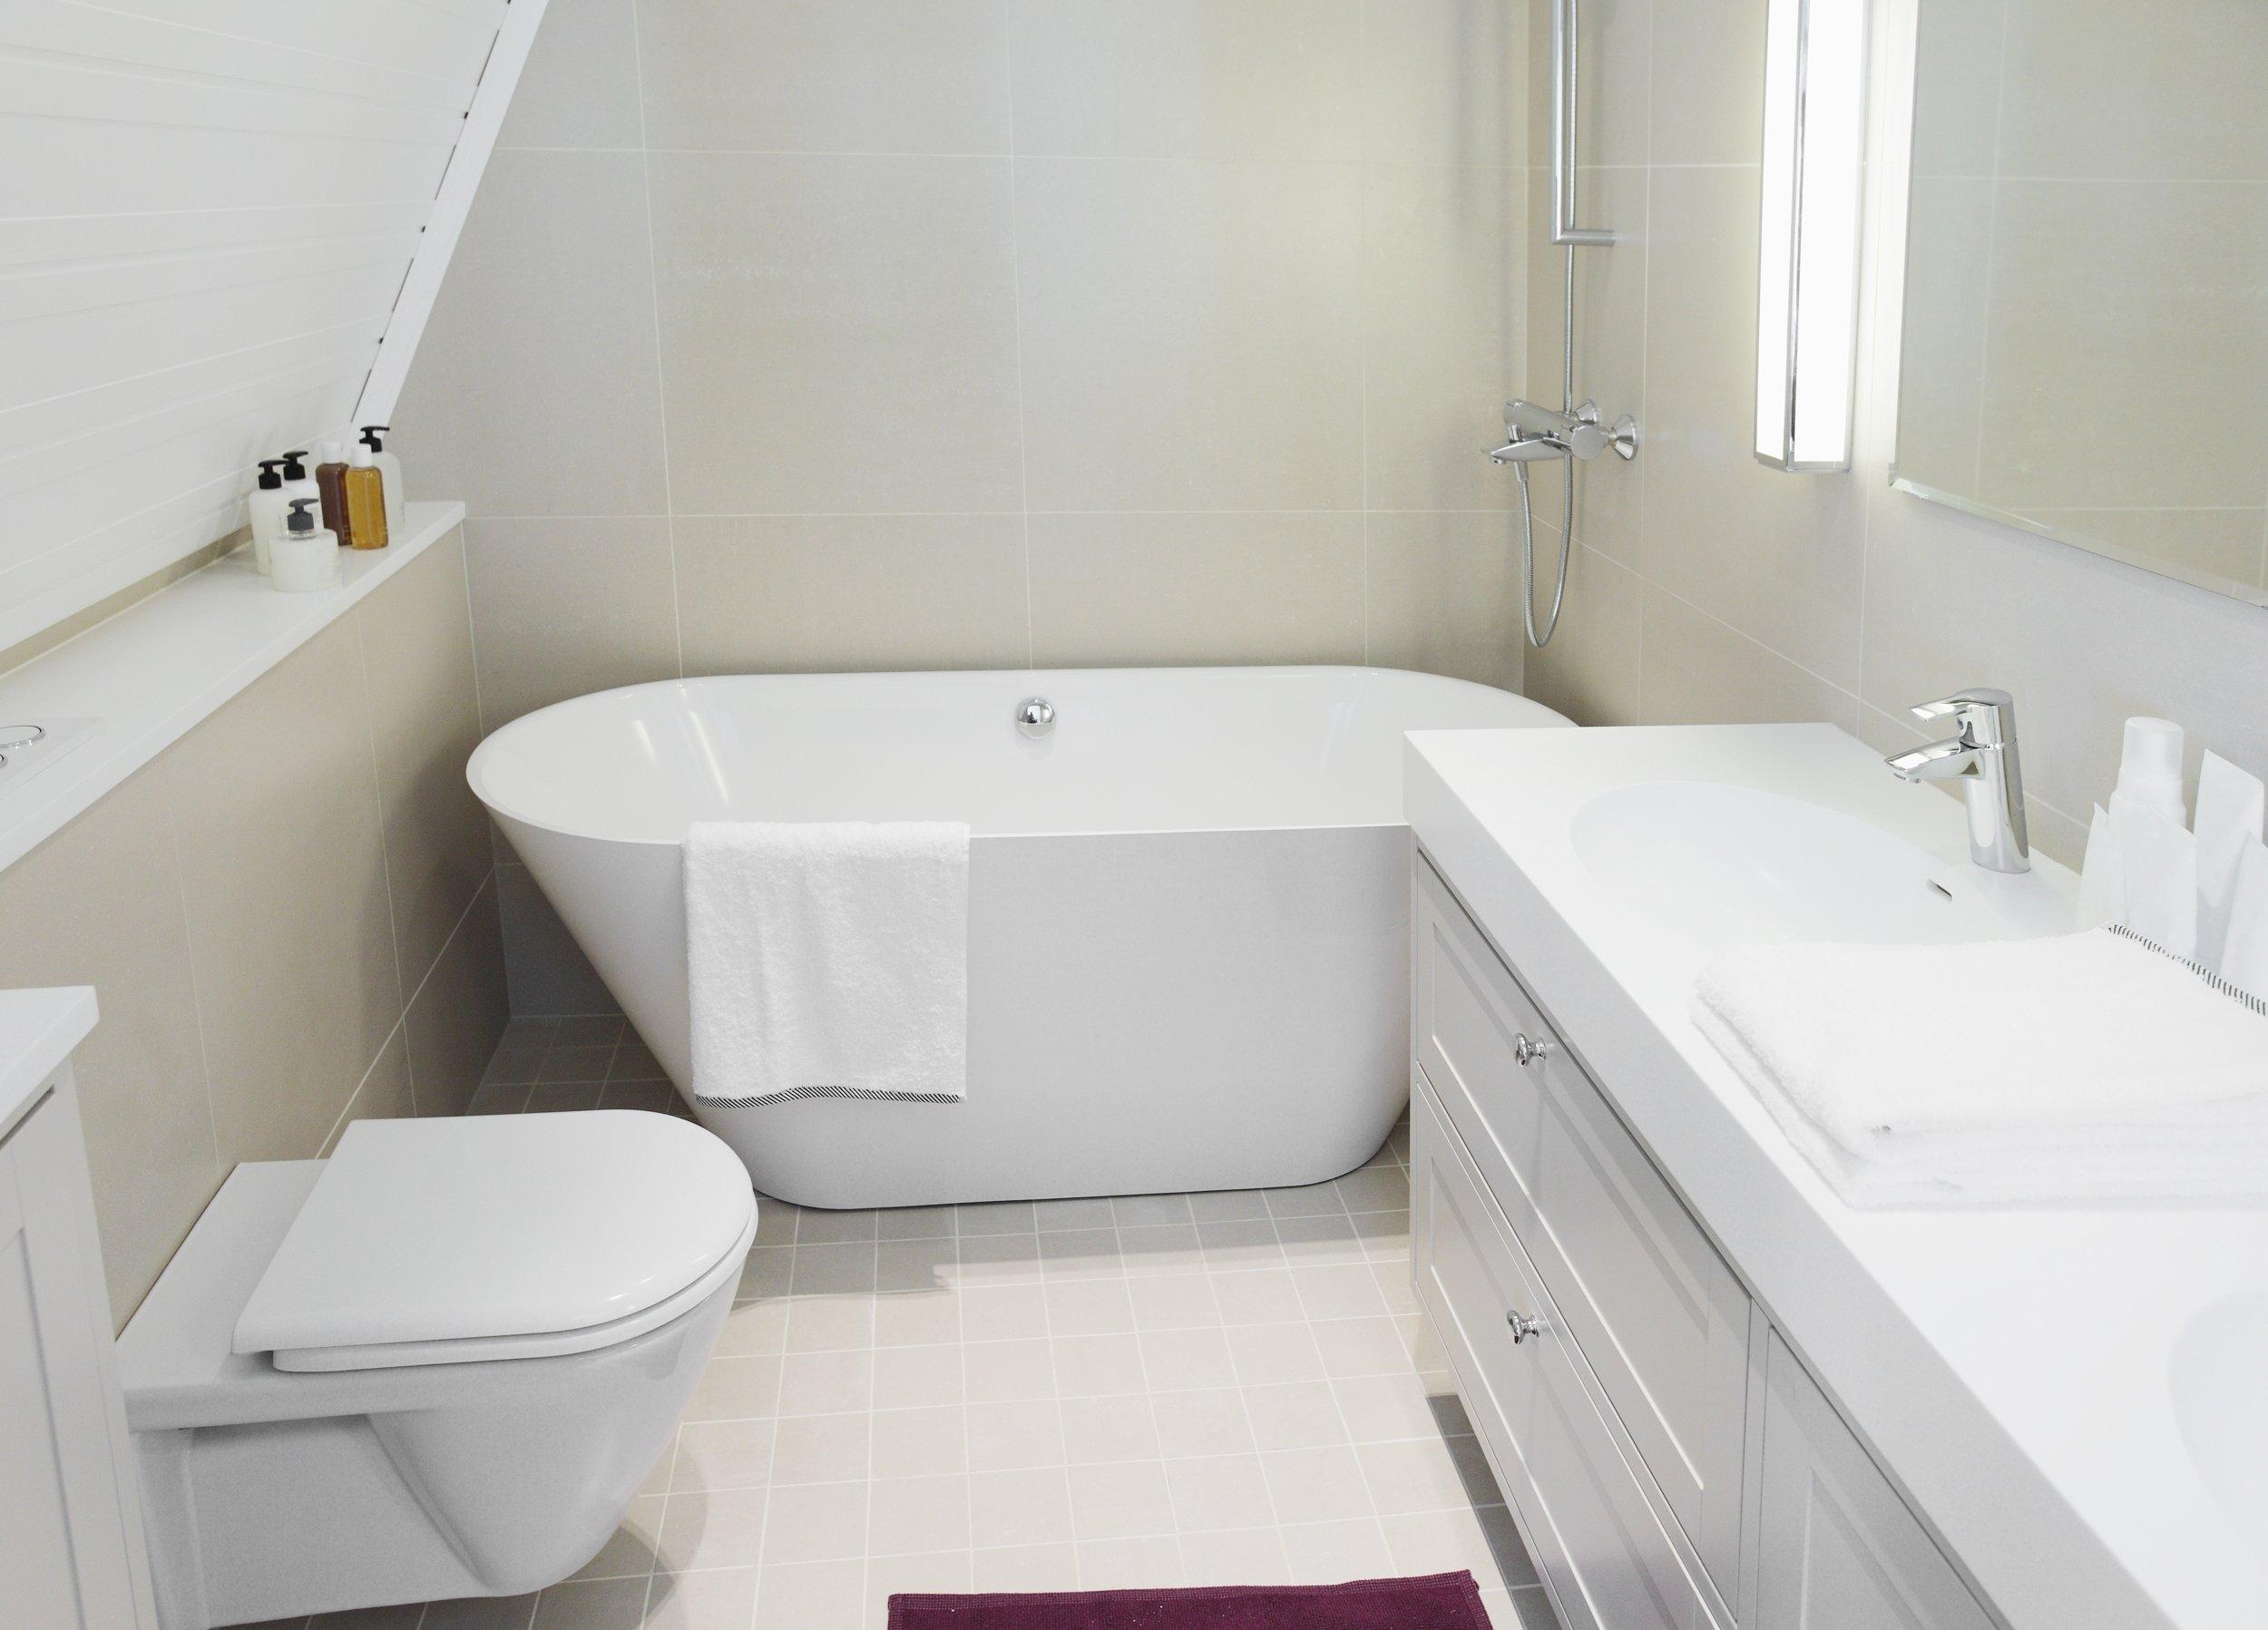 10 Amazing Bathtub Ideas For A Small Bathroom top bathtub ideas for a small bathroom with bright ideas small 2020